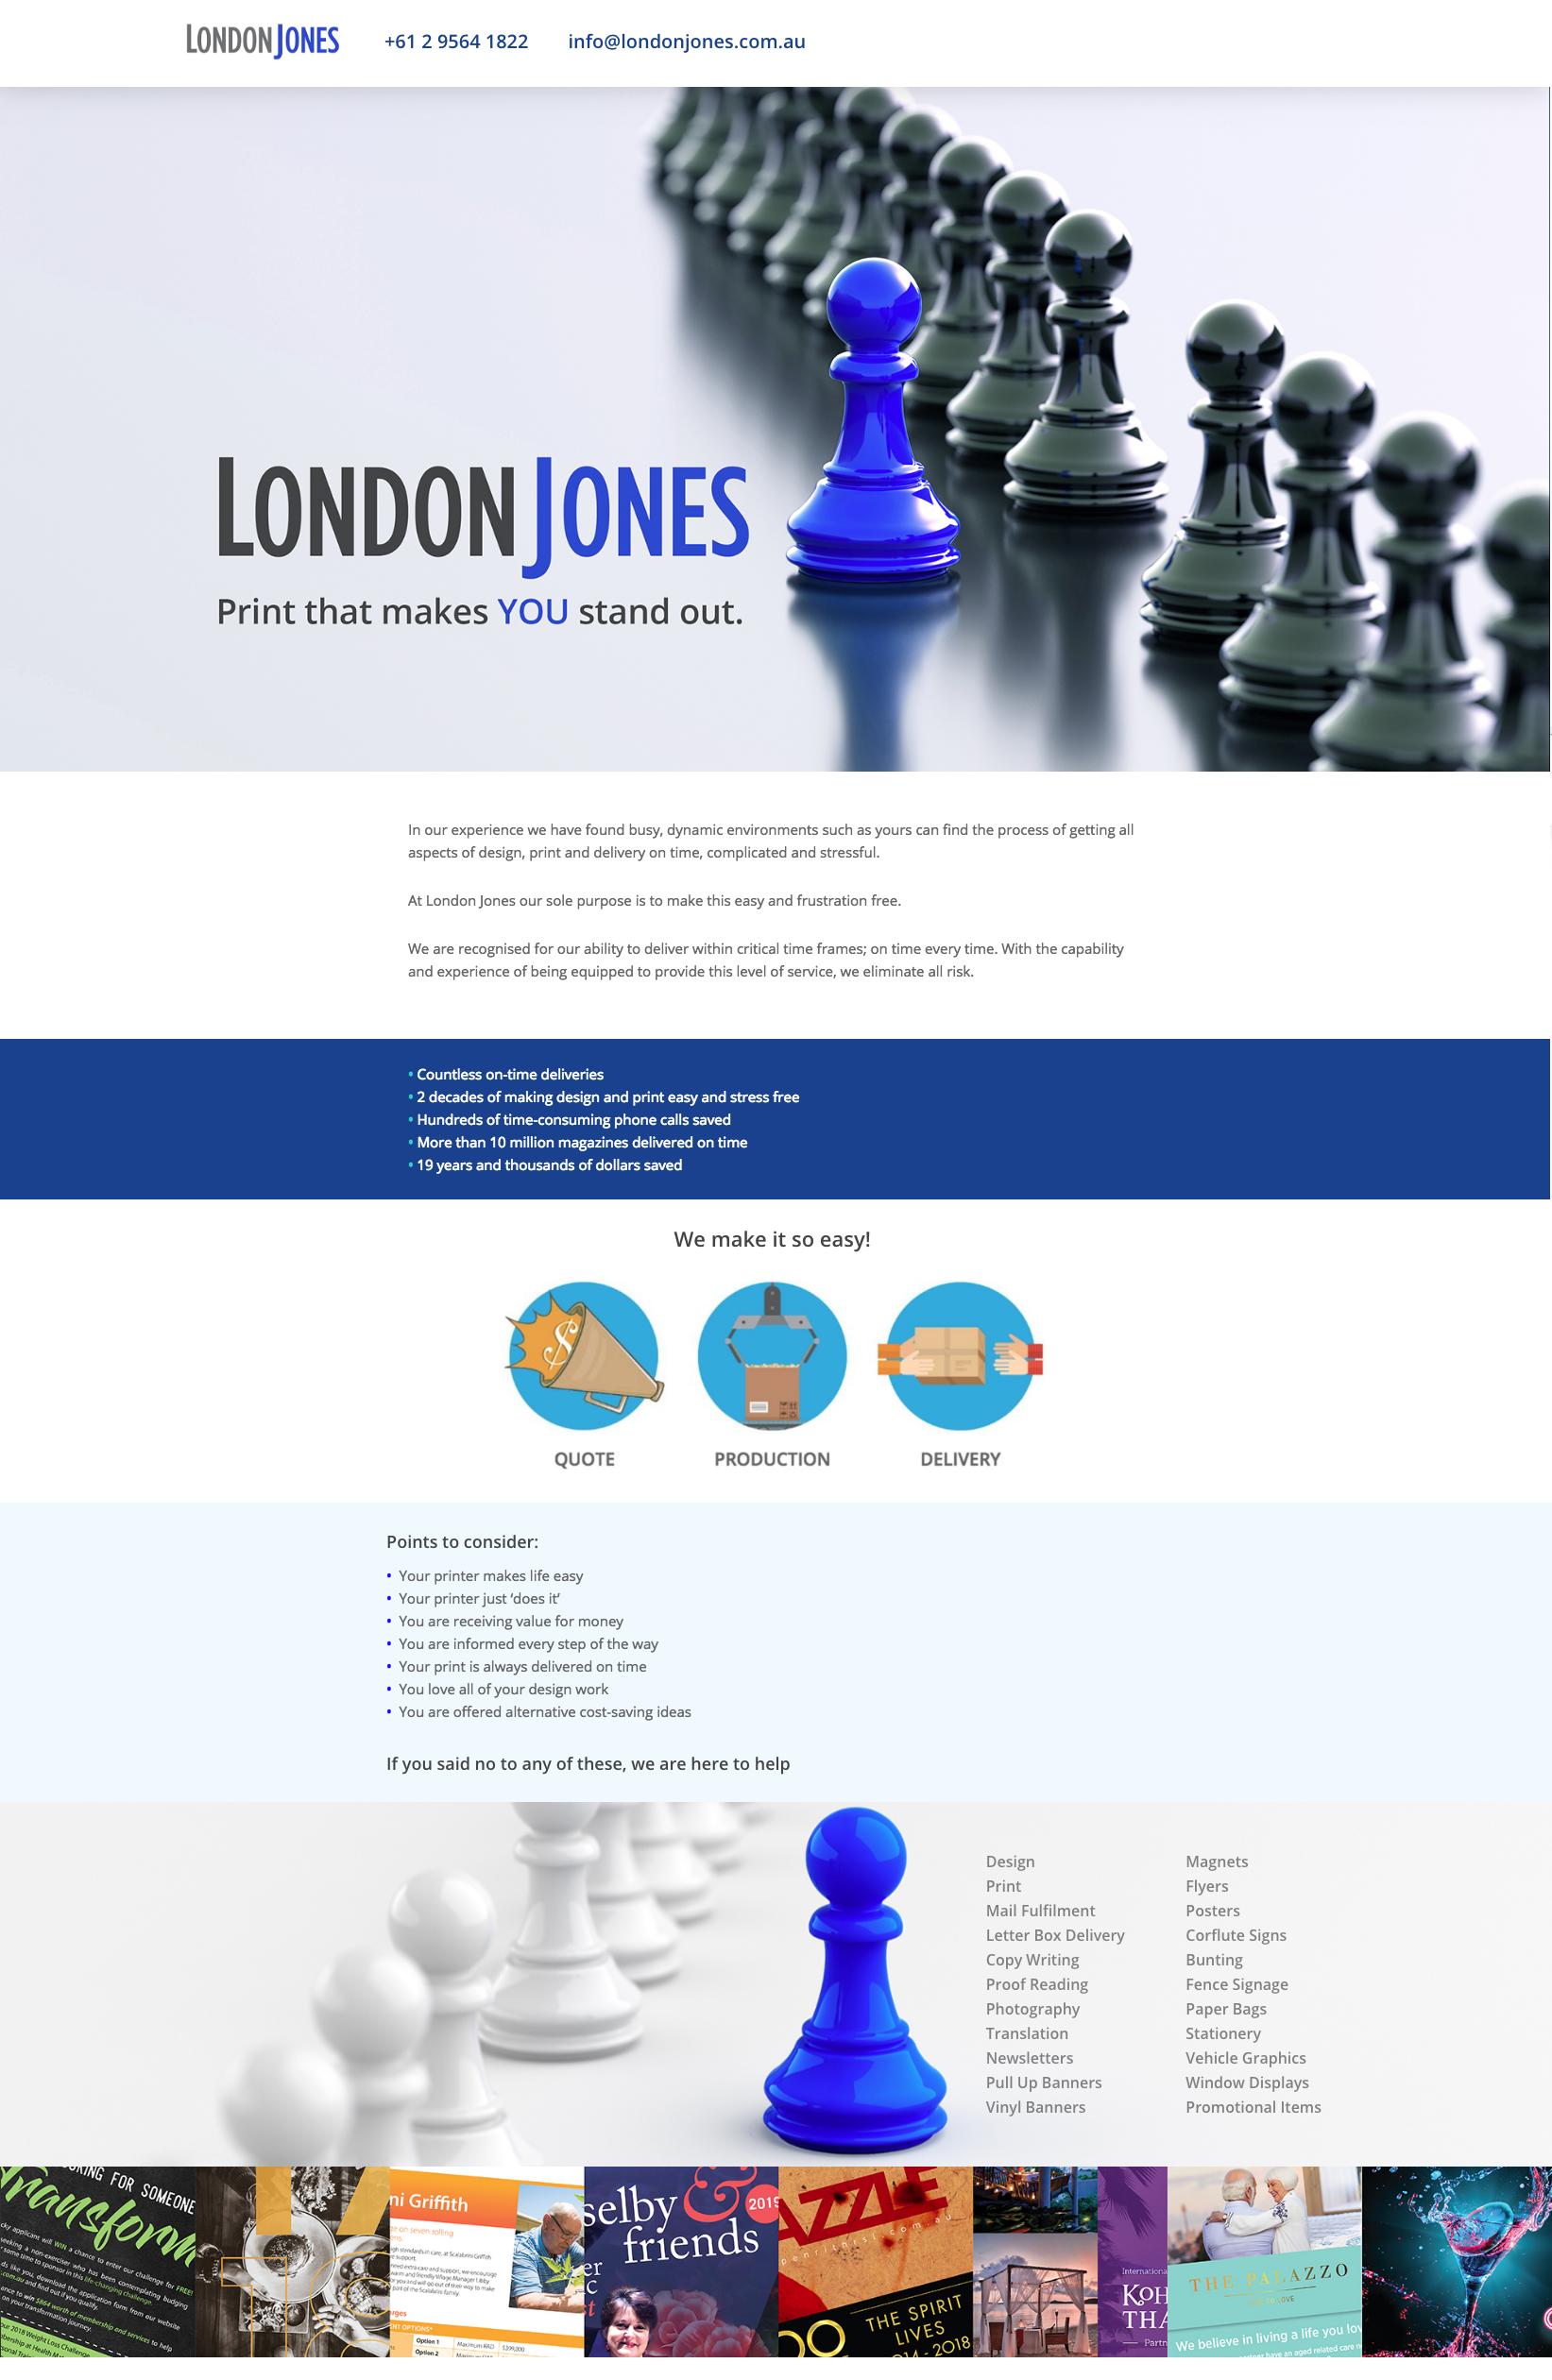 www.londonjones.com.au